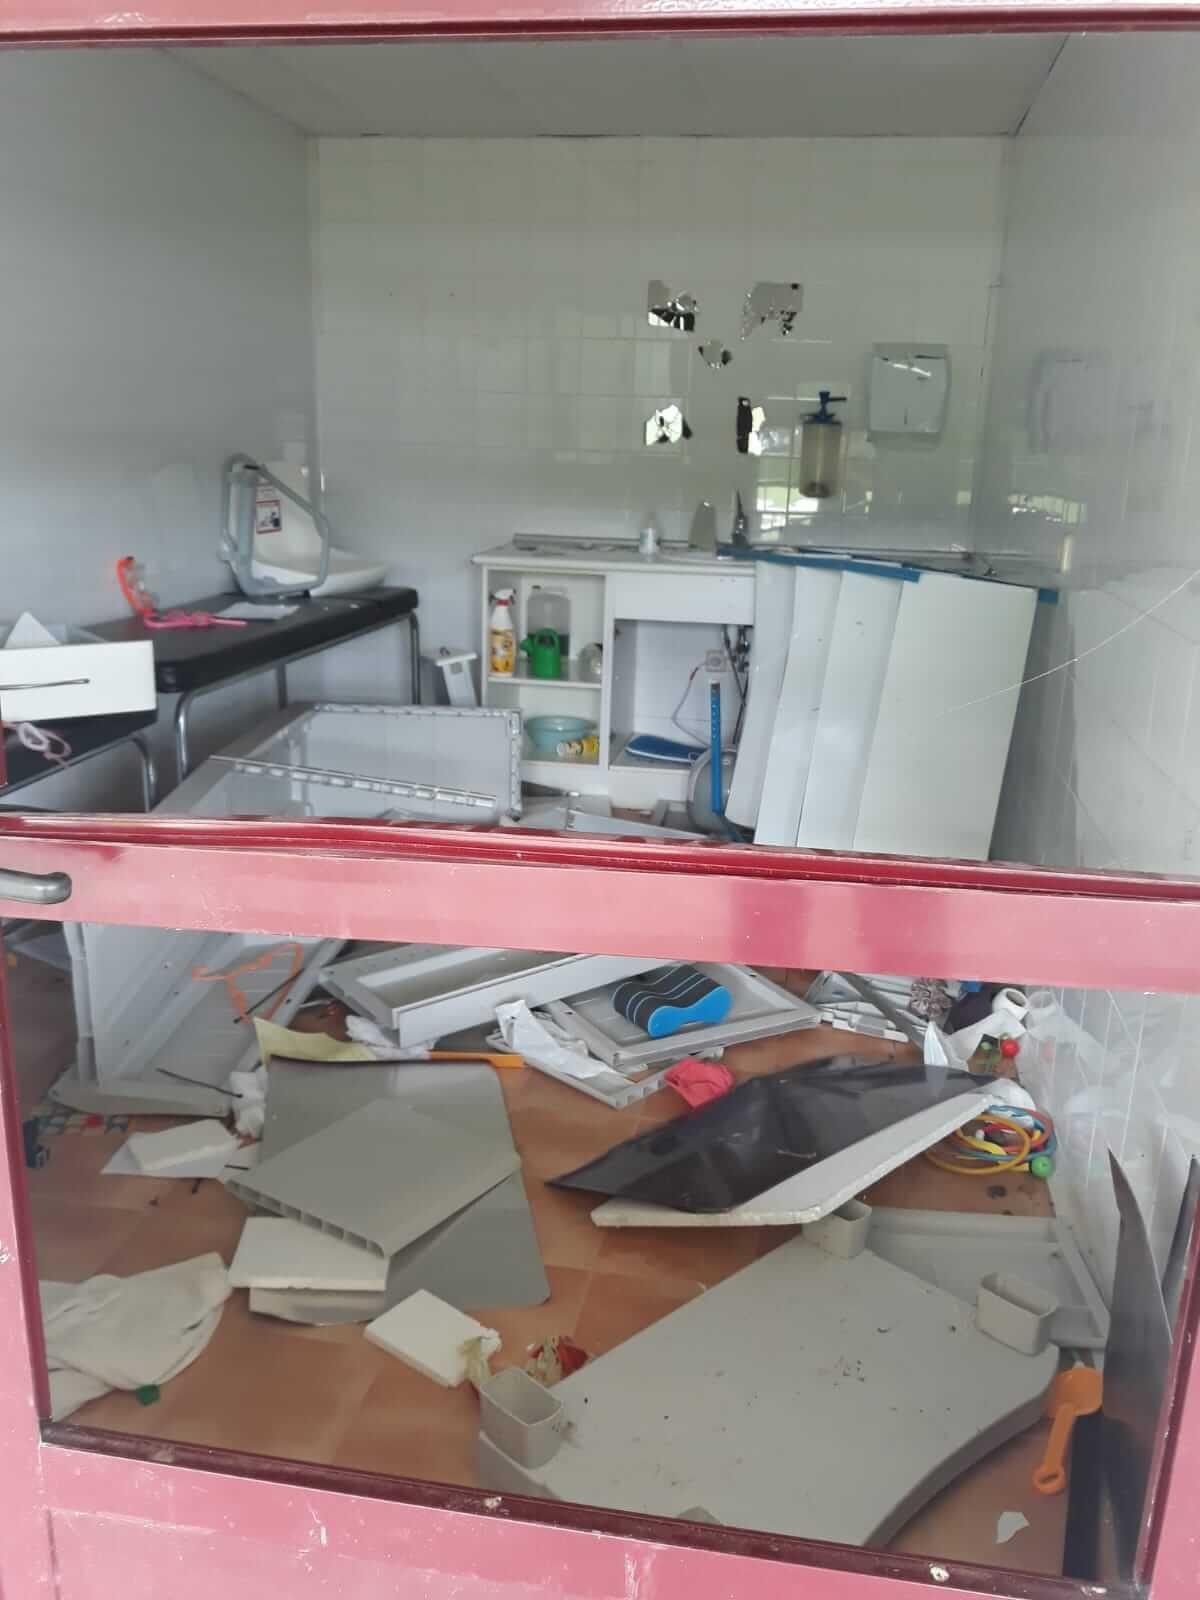 El ayuntamiento de Pradejón denuncia acto vandálico en el cuarto del socorrista de las piscinas municipales